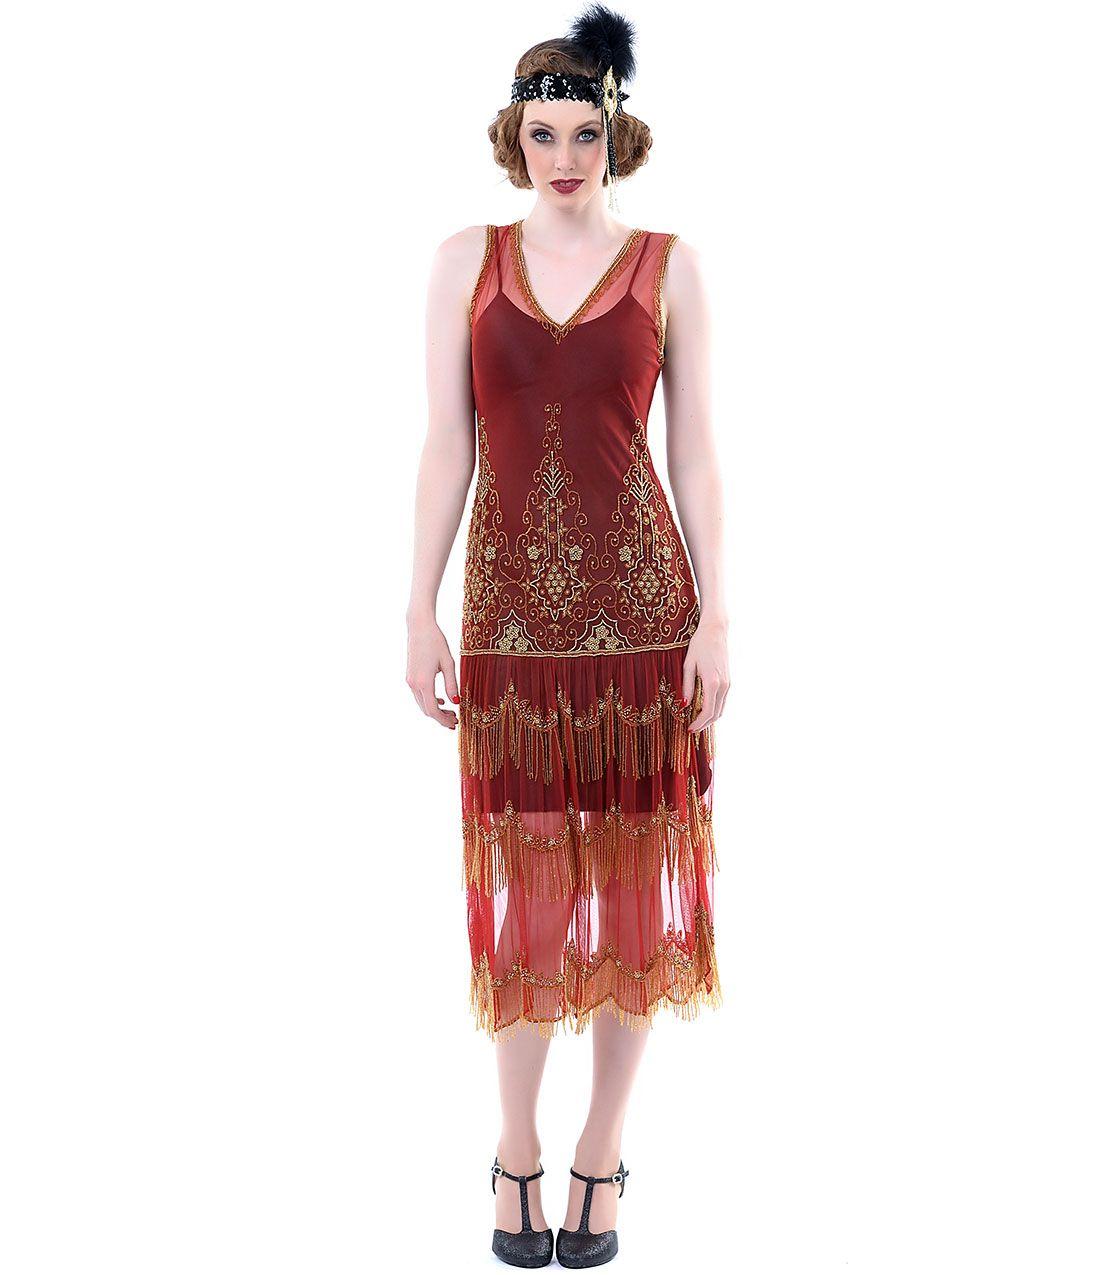 Unique Vintage | 1920s fashion dresses, Flapper dresses ...